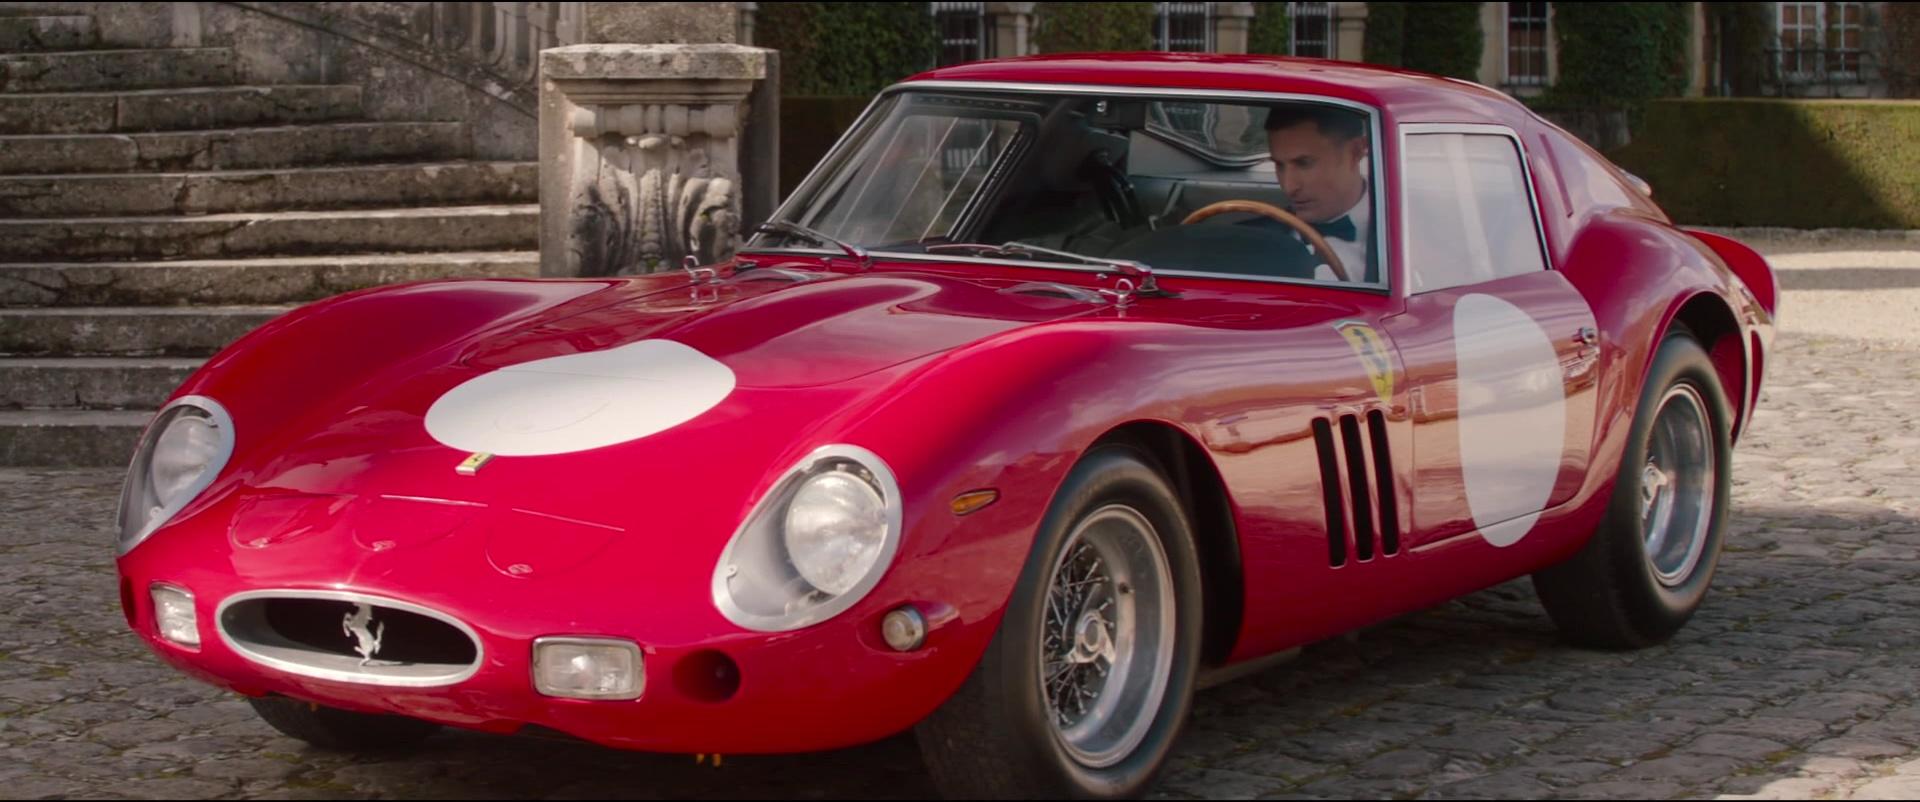 Exotic Car Brands >> Ferrari 250 GTO Car in Overdrive (2017) Movie